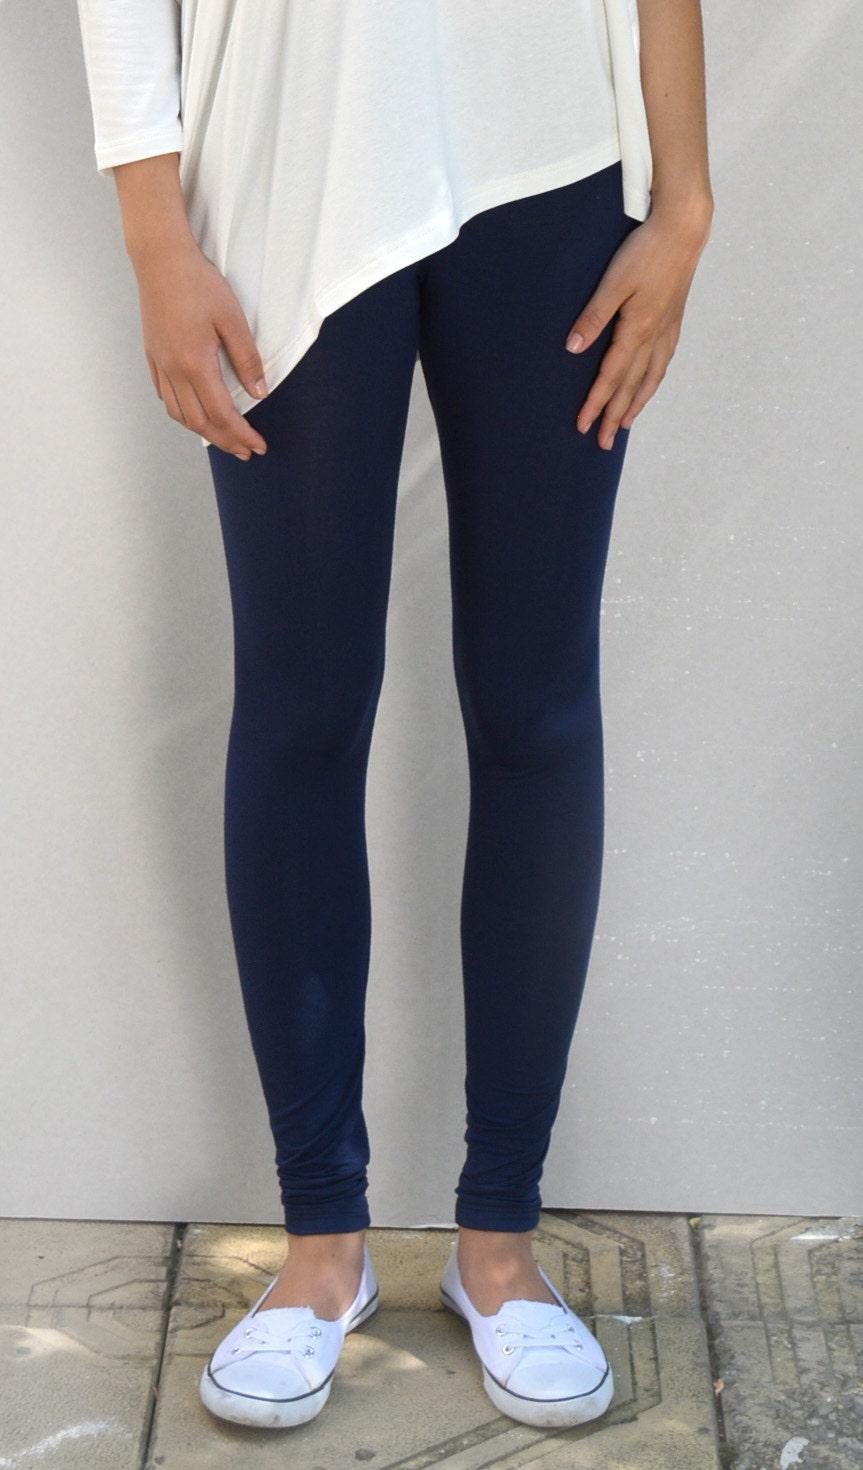 b59032266739cf Blue leggings/ yoga leggings/ sport leggings/ long leggings/ | Etsy